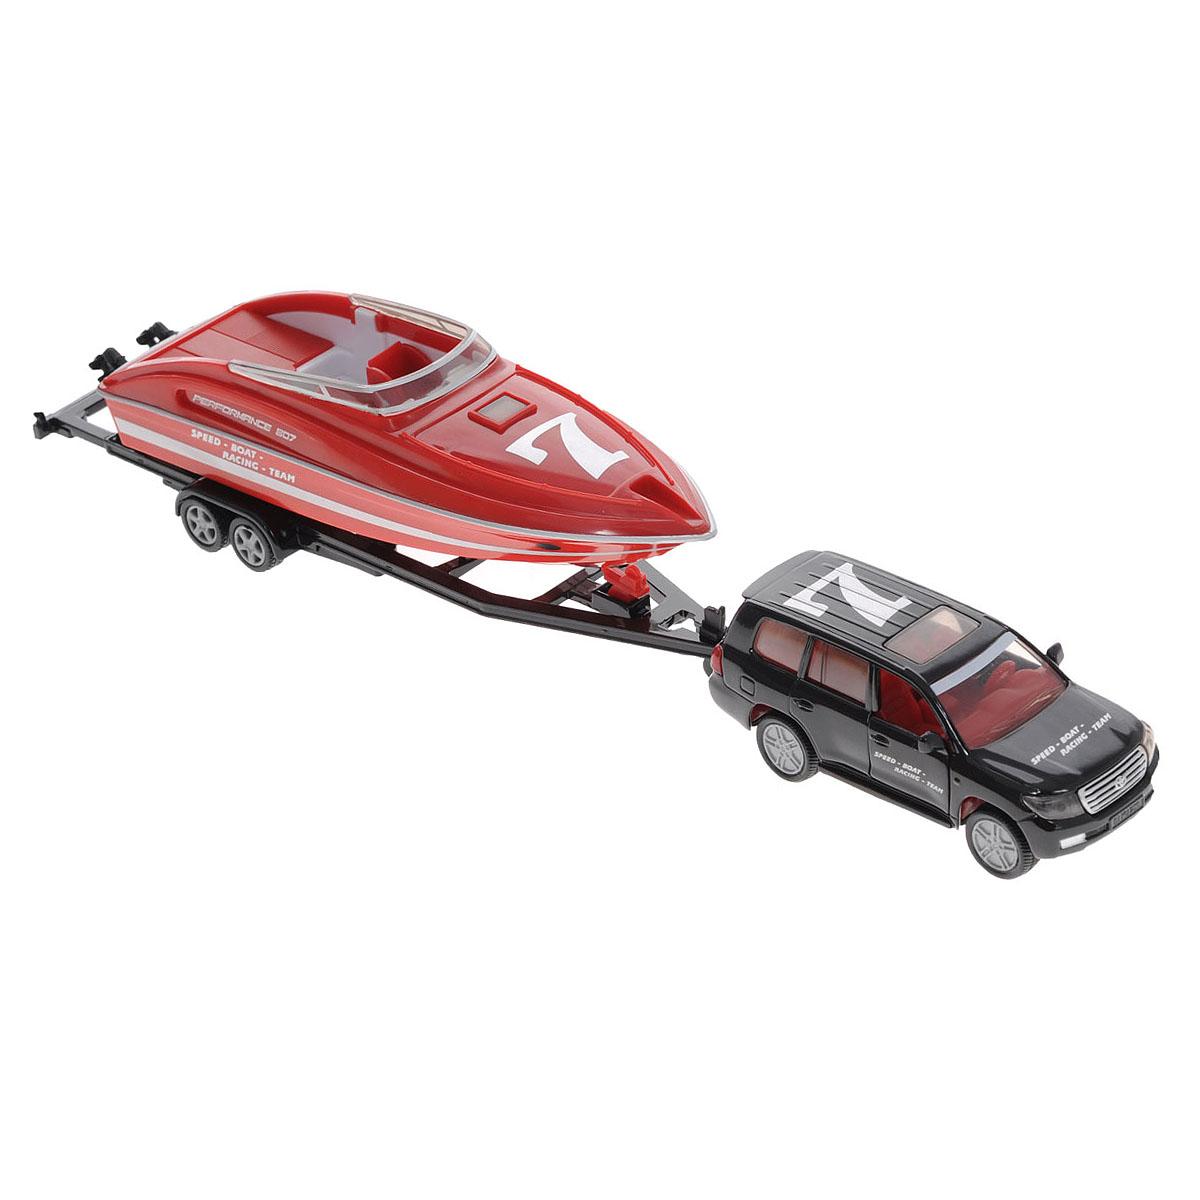 Siku Модель автомобиля Audi Q7 с катером siku квадроцикл с катером siku